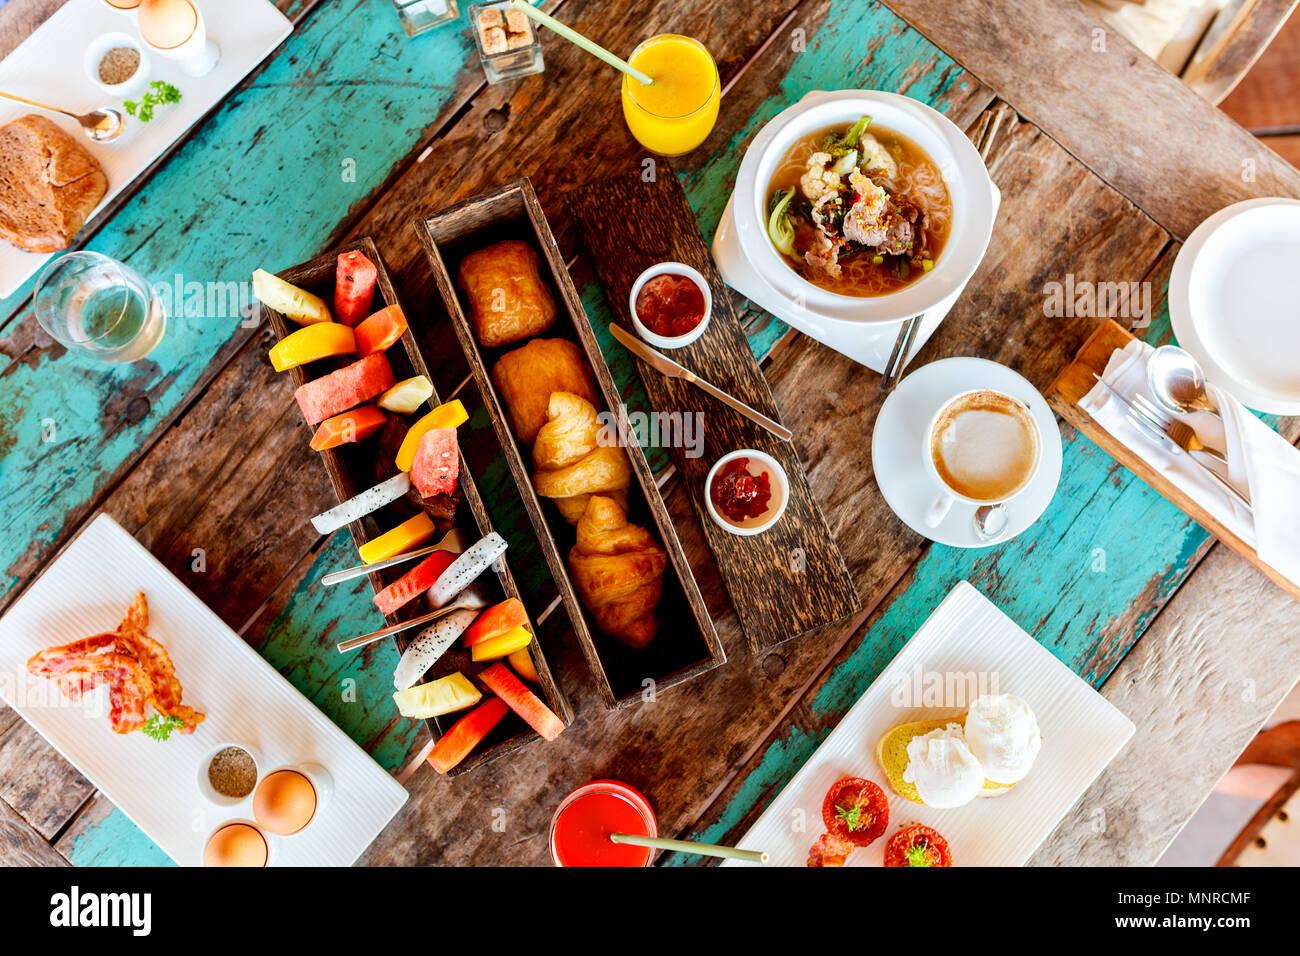 Vista superiore del delizioso cibo organico serviti per colazione sulla tavola in legno rustico. Caffè, uova, frutta, succhi di frutta, cornetti e marmellata. Immagini Stock